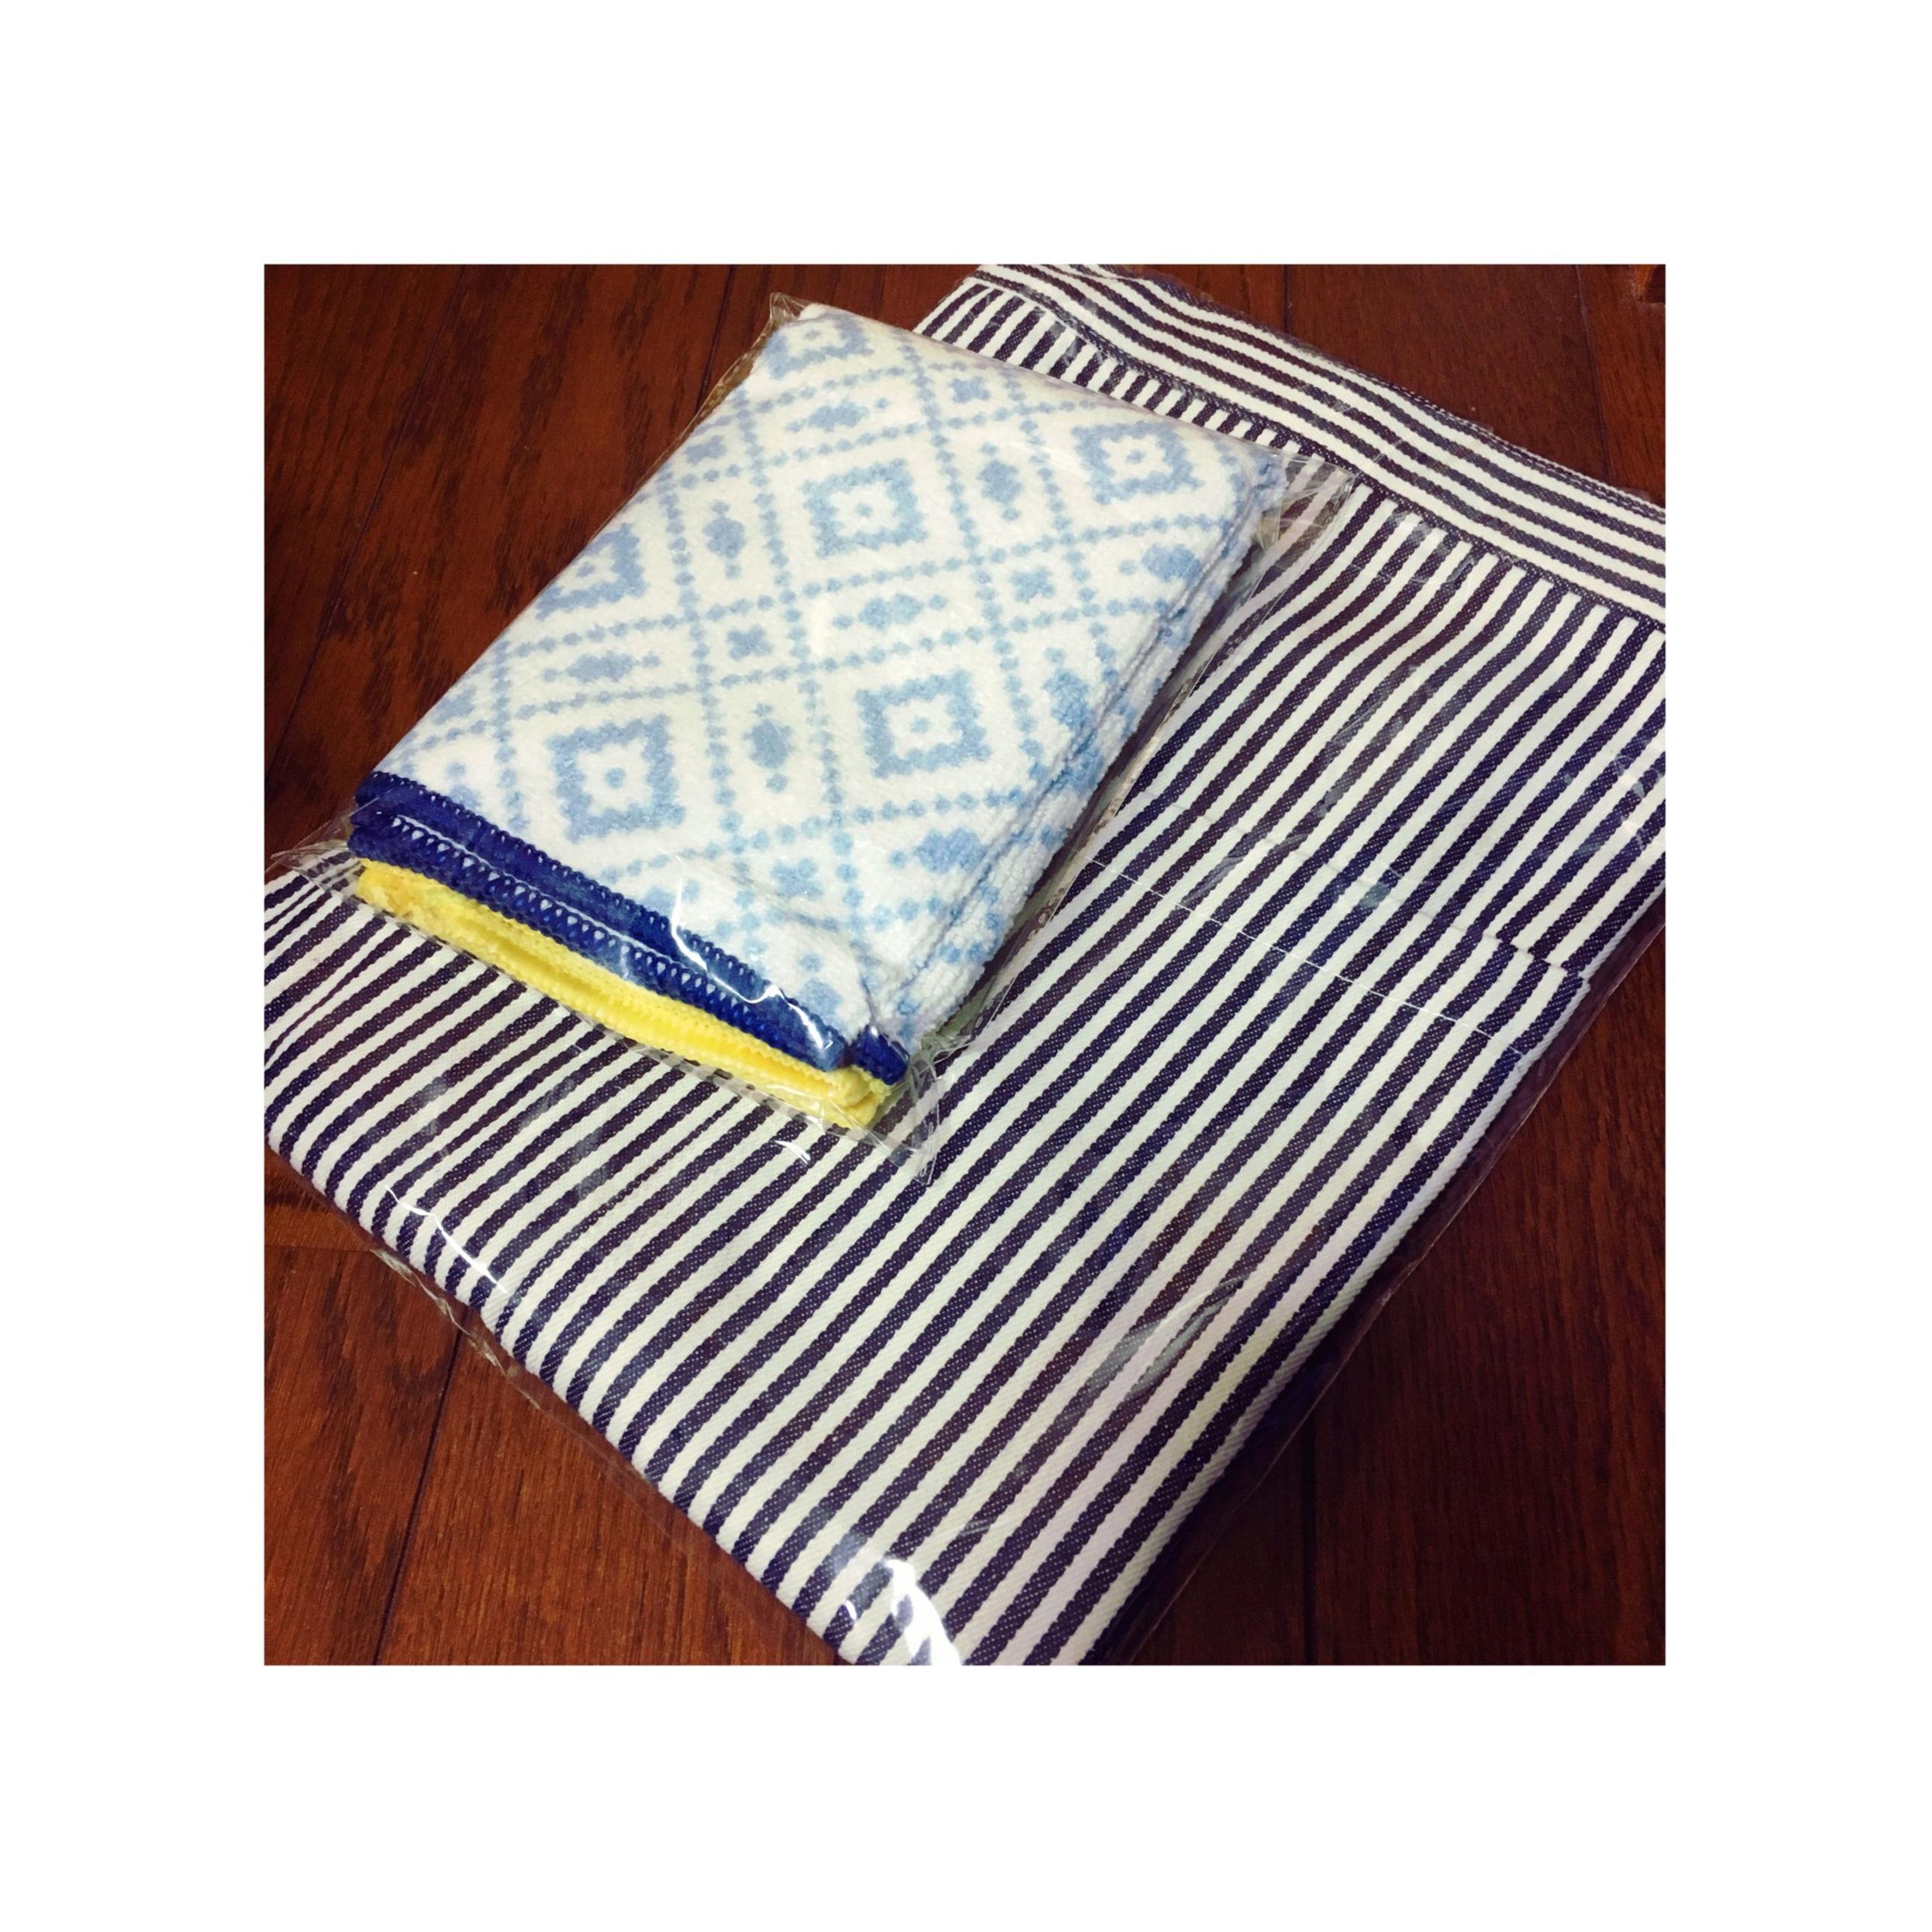 《新生活にぴったり!買ってよかった2018福袋はコレ☝︎★》【Francfranc】の税込¥5,000福袋の中身をご紹介❤️_5